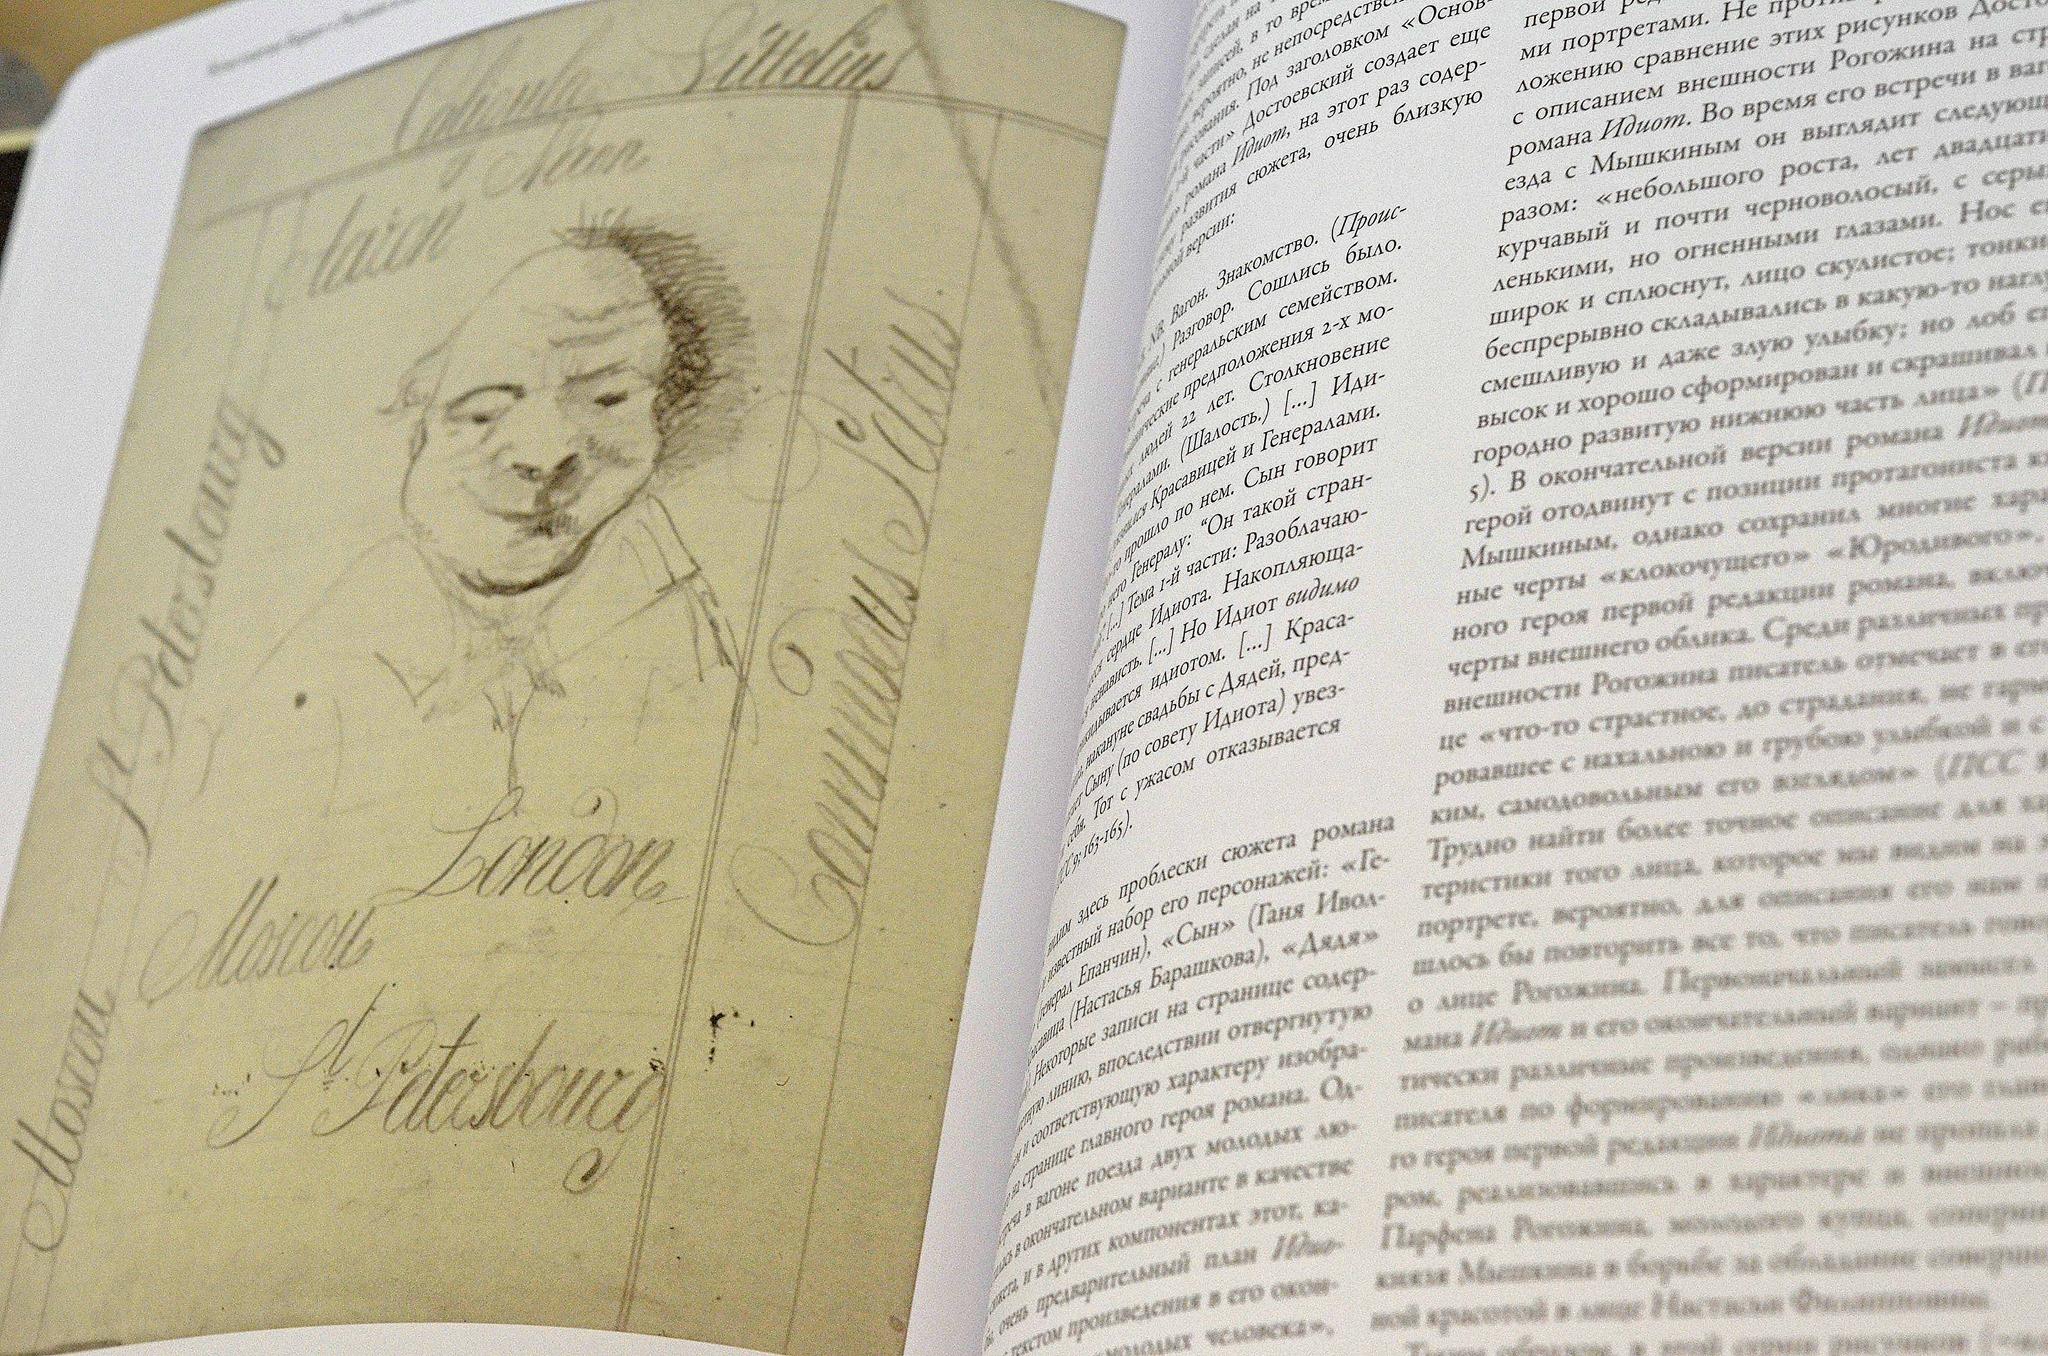 Un disegno pubblicato nella versione russa del volume\n